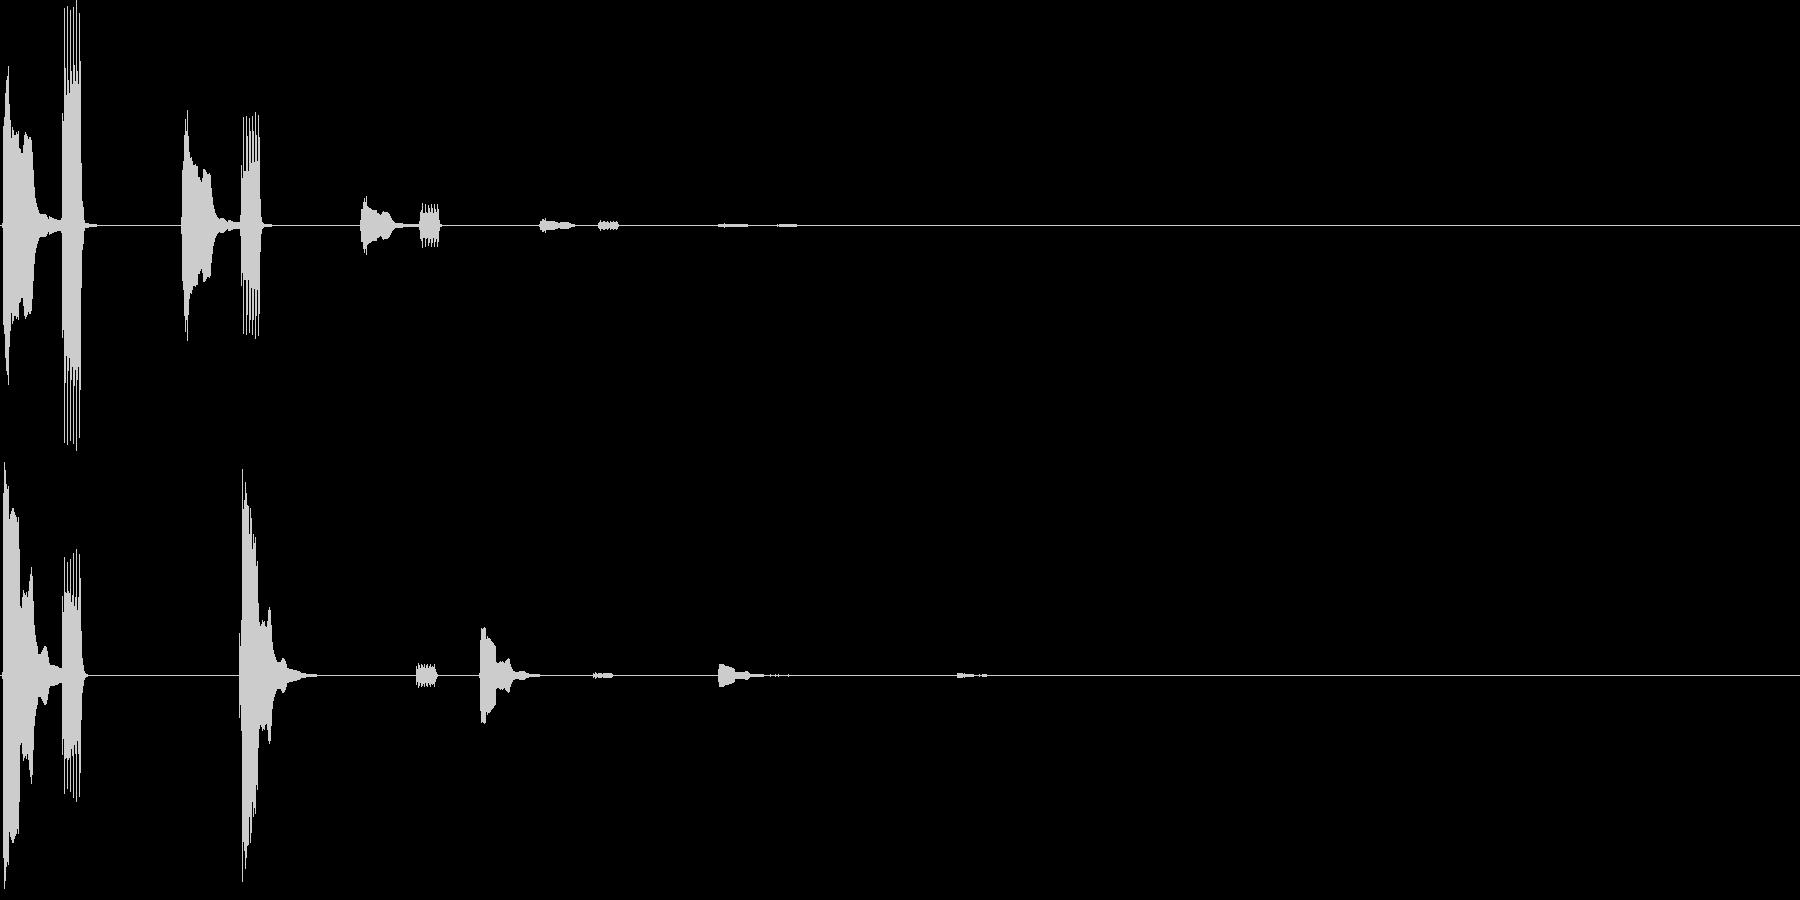 ピコッピコッコッピ…(トピック、テーマ)の未再生の波形